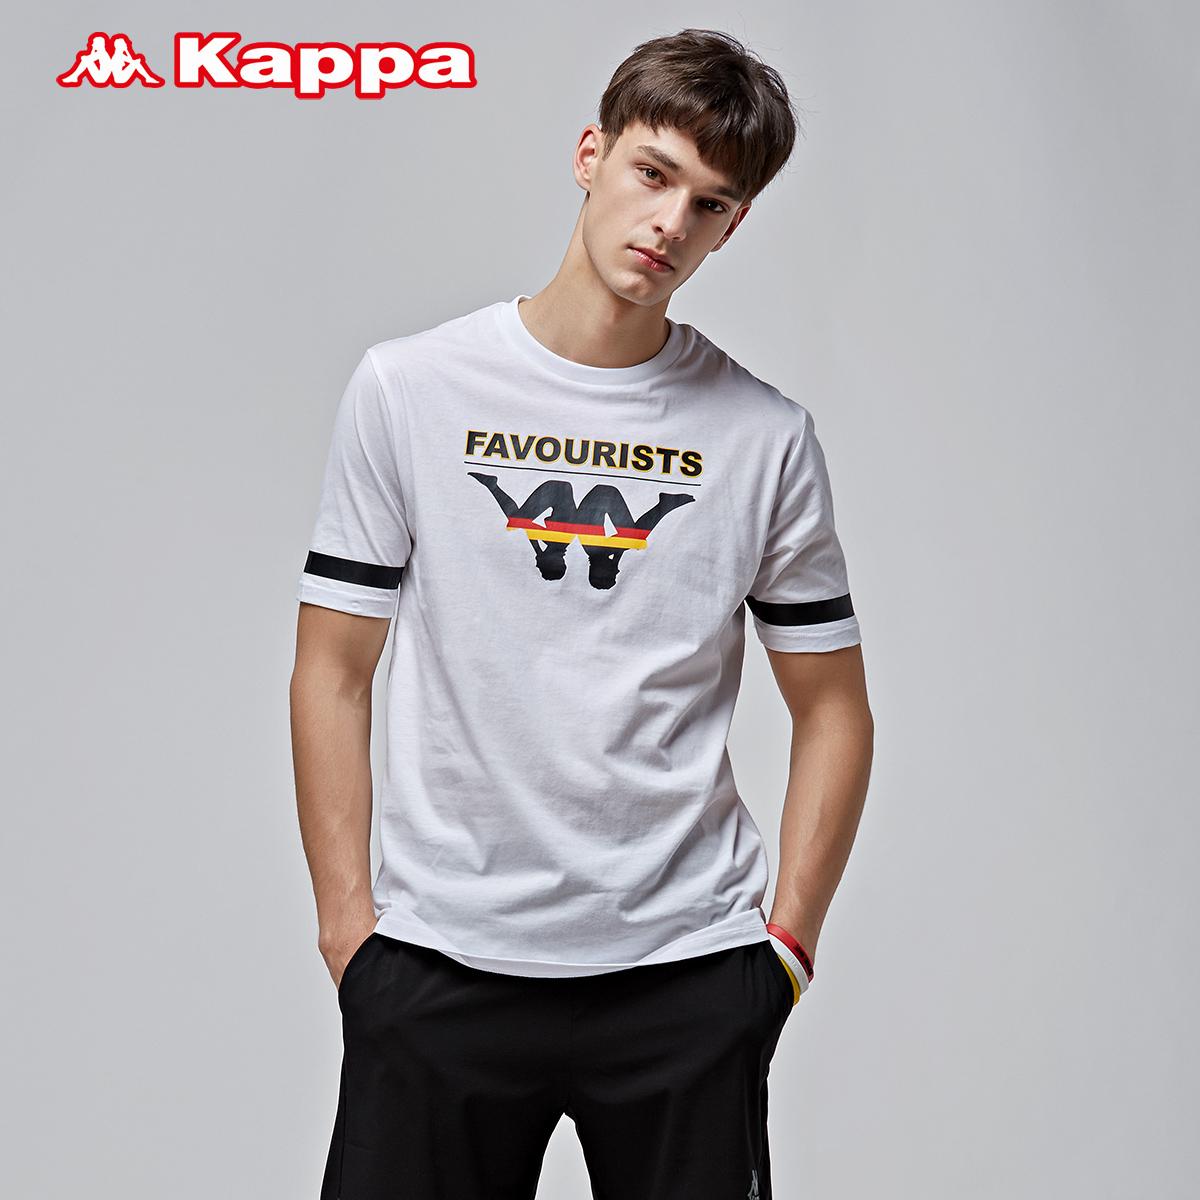 Kappa卡帕男款运短袖 休闲T恤2018新品|K0812TD13H